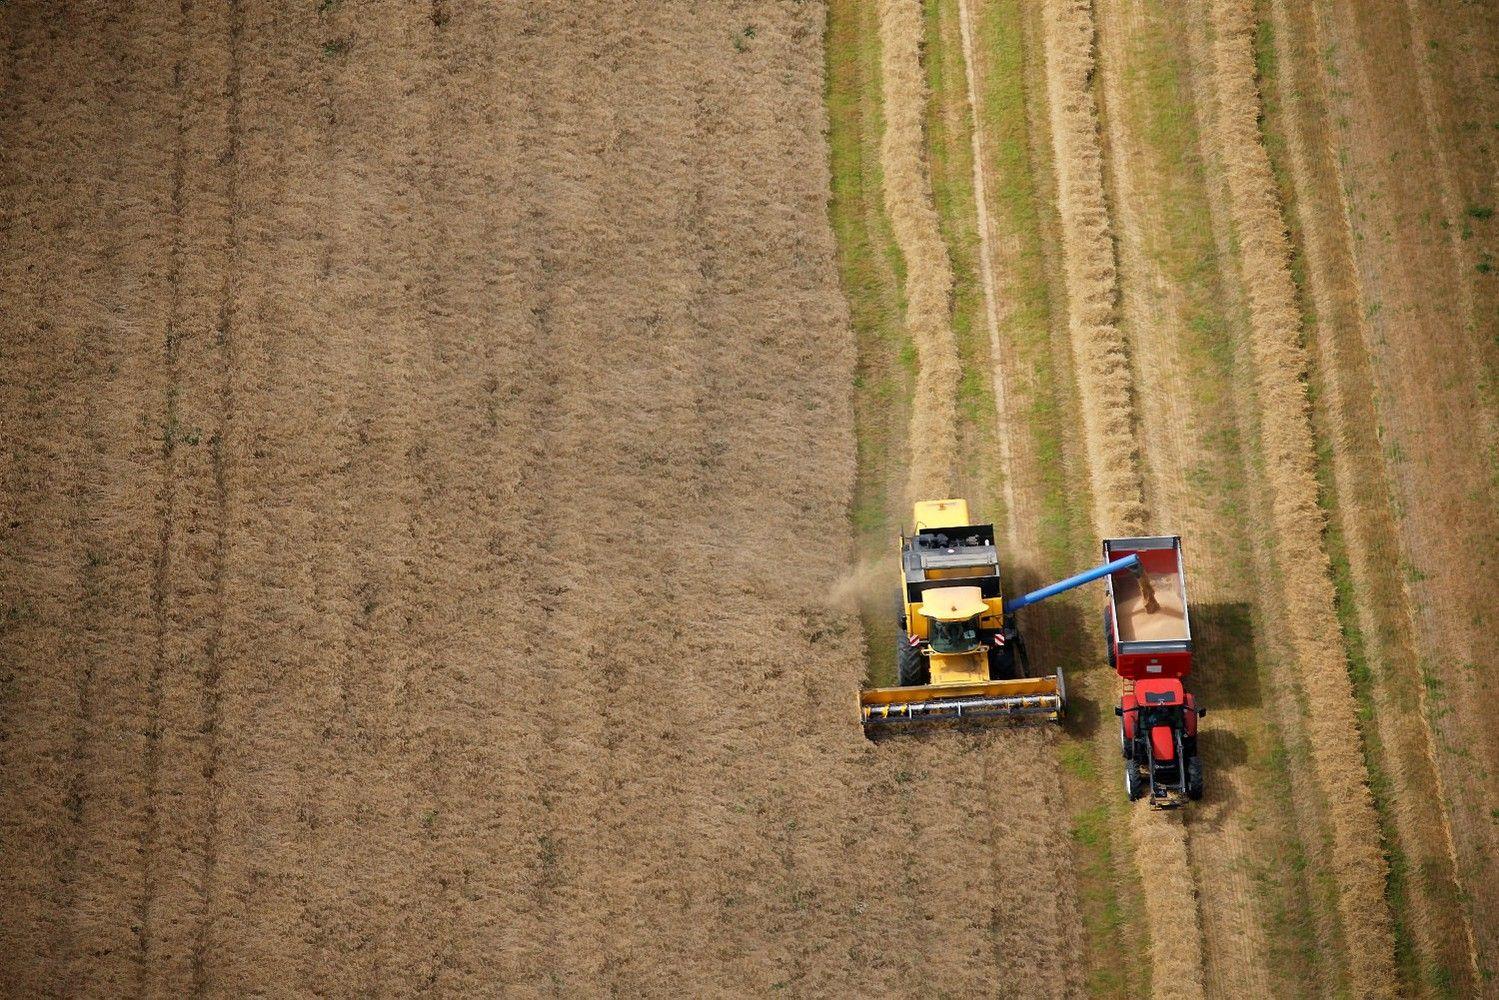 Apklausė ūkininkus: tikisi uždirbti daugiau